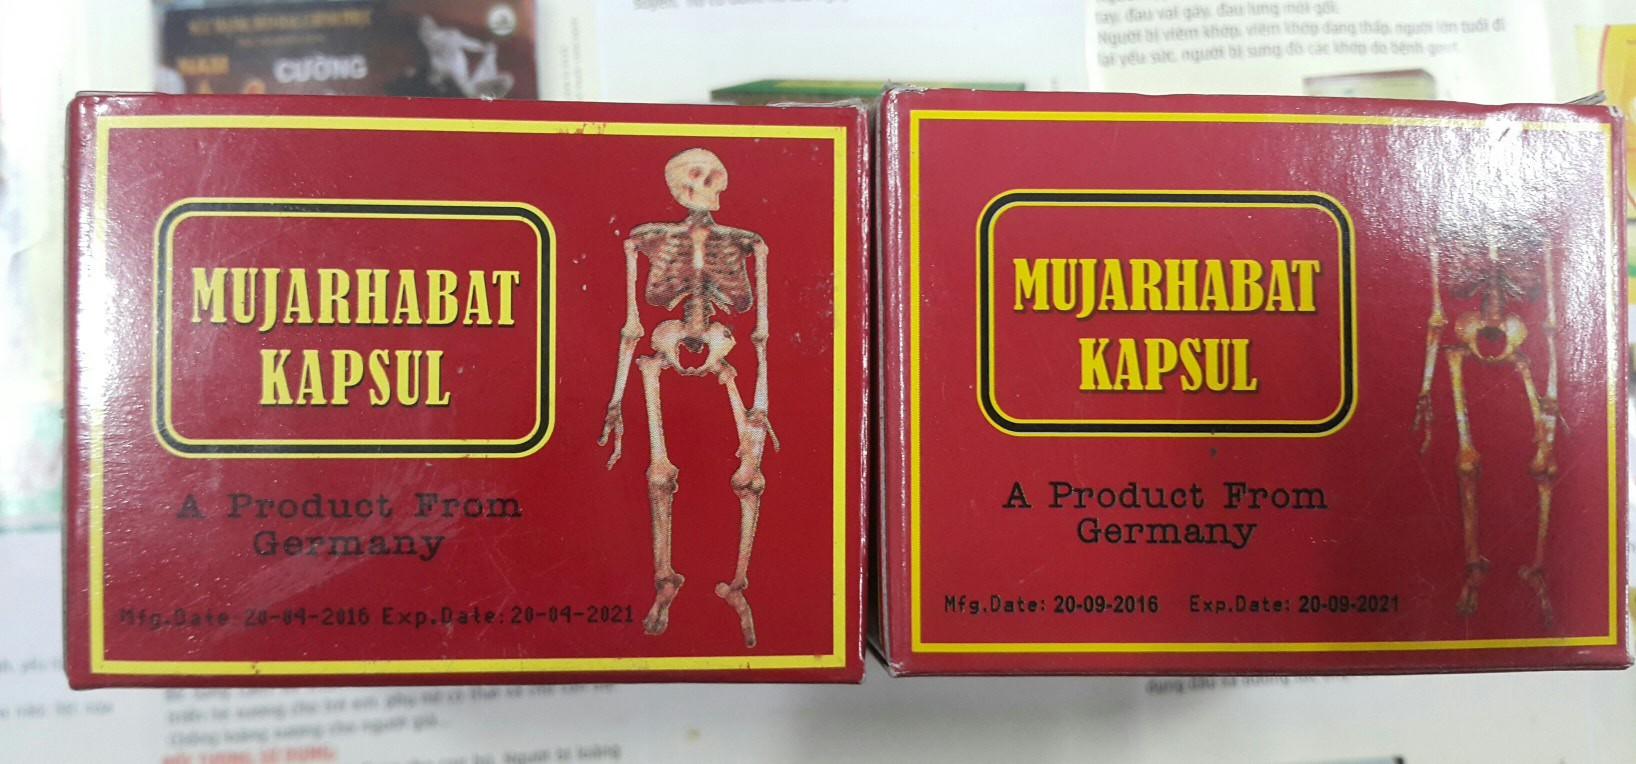 thuốc mujarhabat kapsul, bán thuốc mujarhabat kapsul, thuốc mujarhabat kapsul có tốt không, thuốc mujarhabat kapsul thành phần, thuoc mujarhabat kapsul chua benh gi, thuốc mujarhabat kapsul mua o dau, cách sử dụng thuốc mujarhabat kapsul, tác dụng phụ của thuốc mujarhabat kapsul, giá thuốc mujarhabat kapsul, tác dụng của thuốc mujarhabat kapsul, công dụng của thuốc mujarhabat kapsul, cách dùng thuốc mujarhabat kapsul, thành phần của thuốc mujarhabat kapsul, thuốc mujarhabat kapsul thật và giả, thuốc mujarhabat kapsul chính hãng, thuốc mujarhabat kapsul giả, thuốc mujarhabat kapsul tác dụng phụ, hướng dẫn sử dụng thuốc mujarhabat kapsul